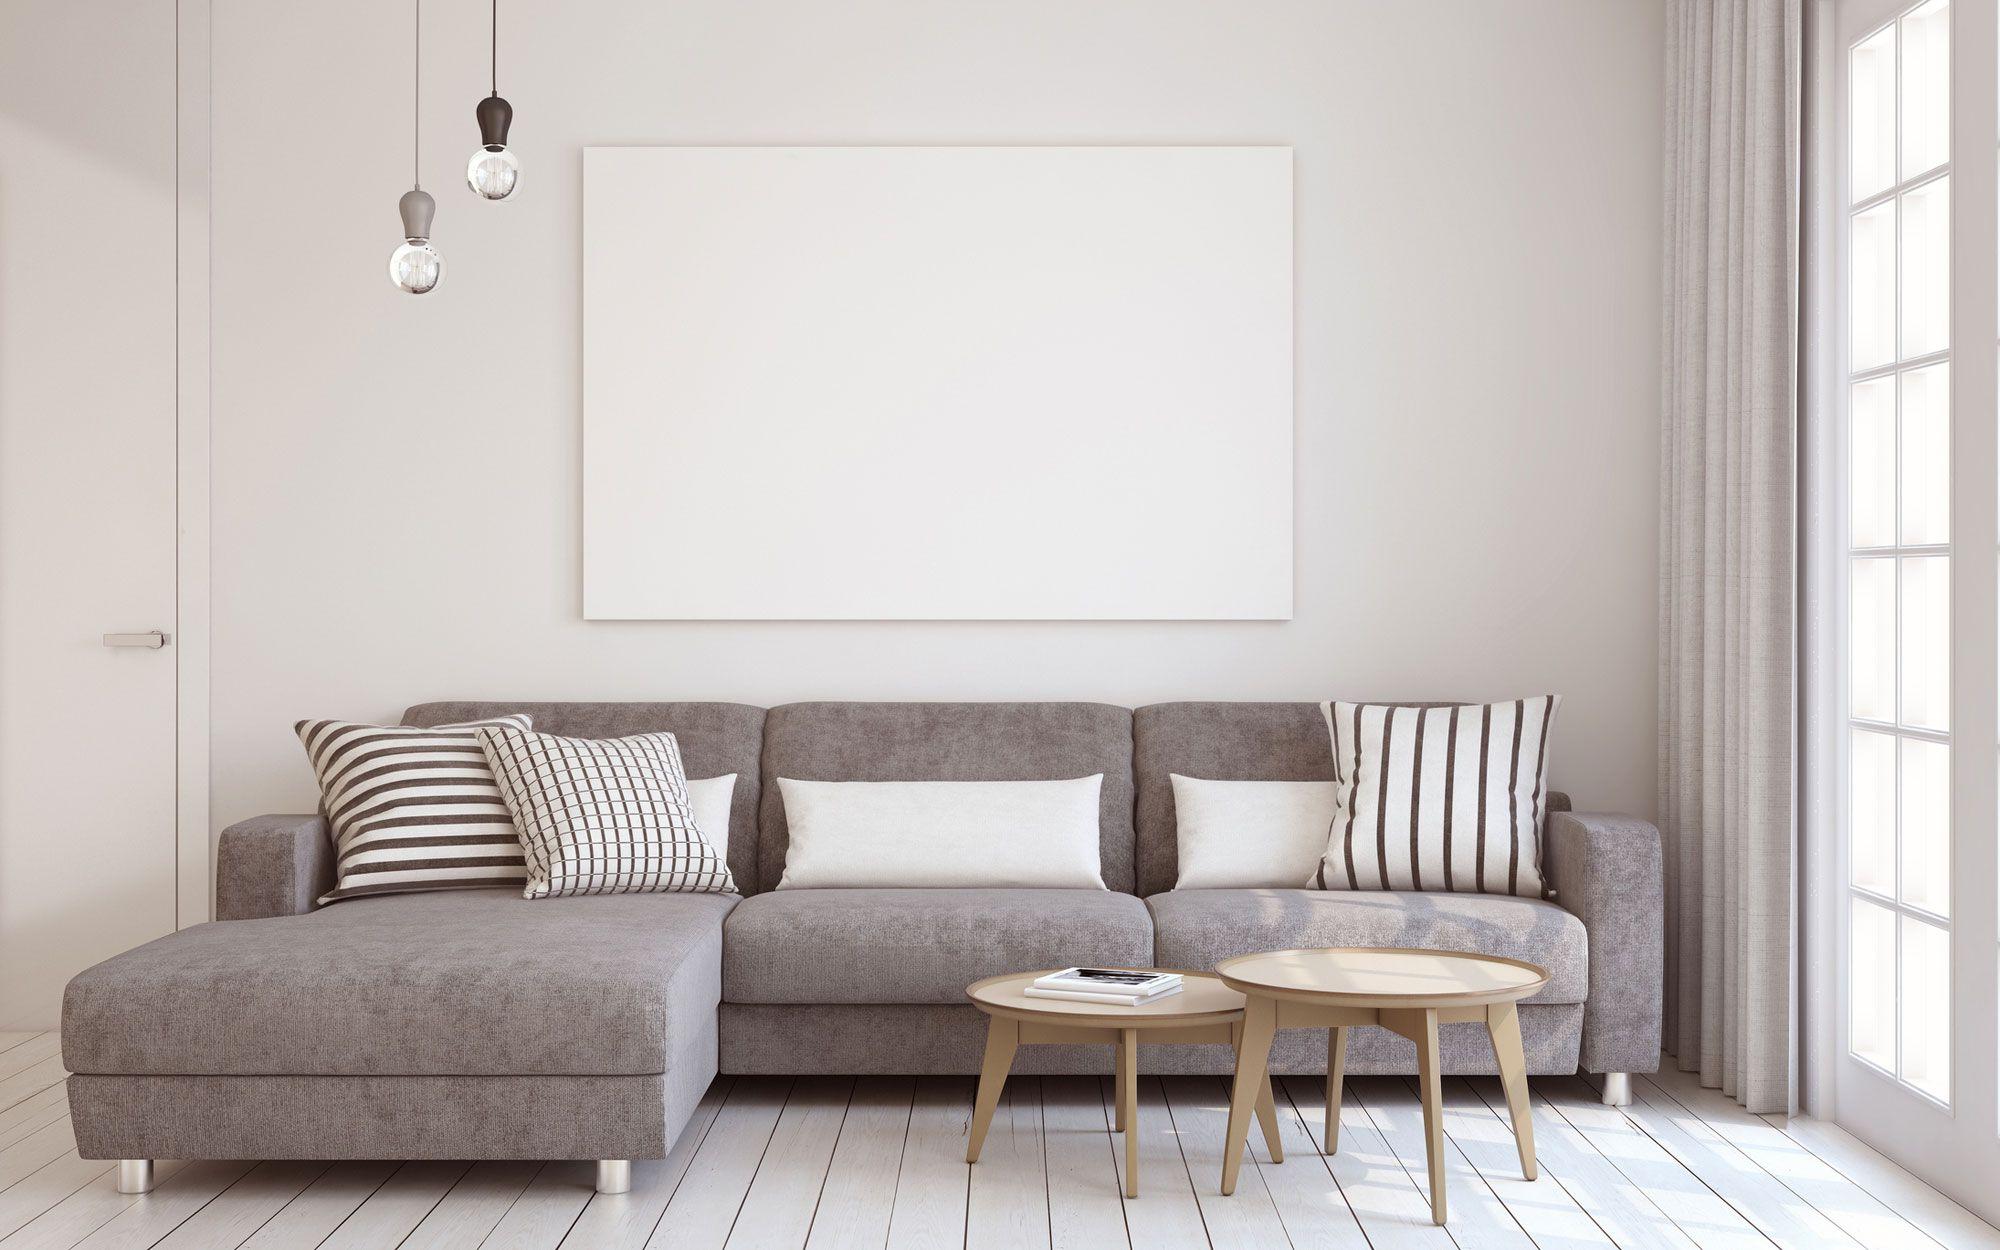 Tipos De sofas Tqd3 Tipos De sofà S Hogarmania